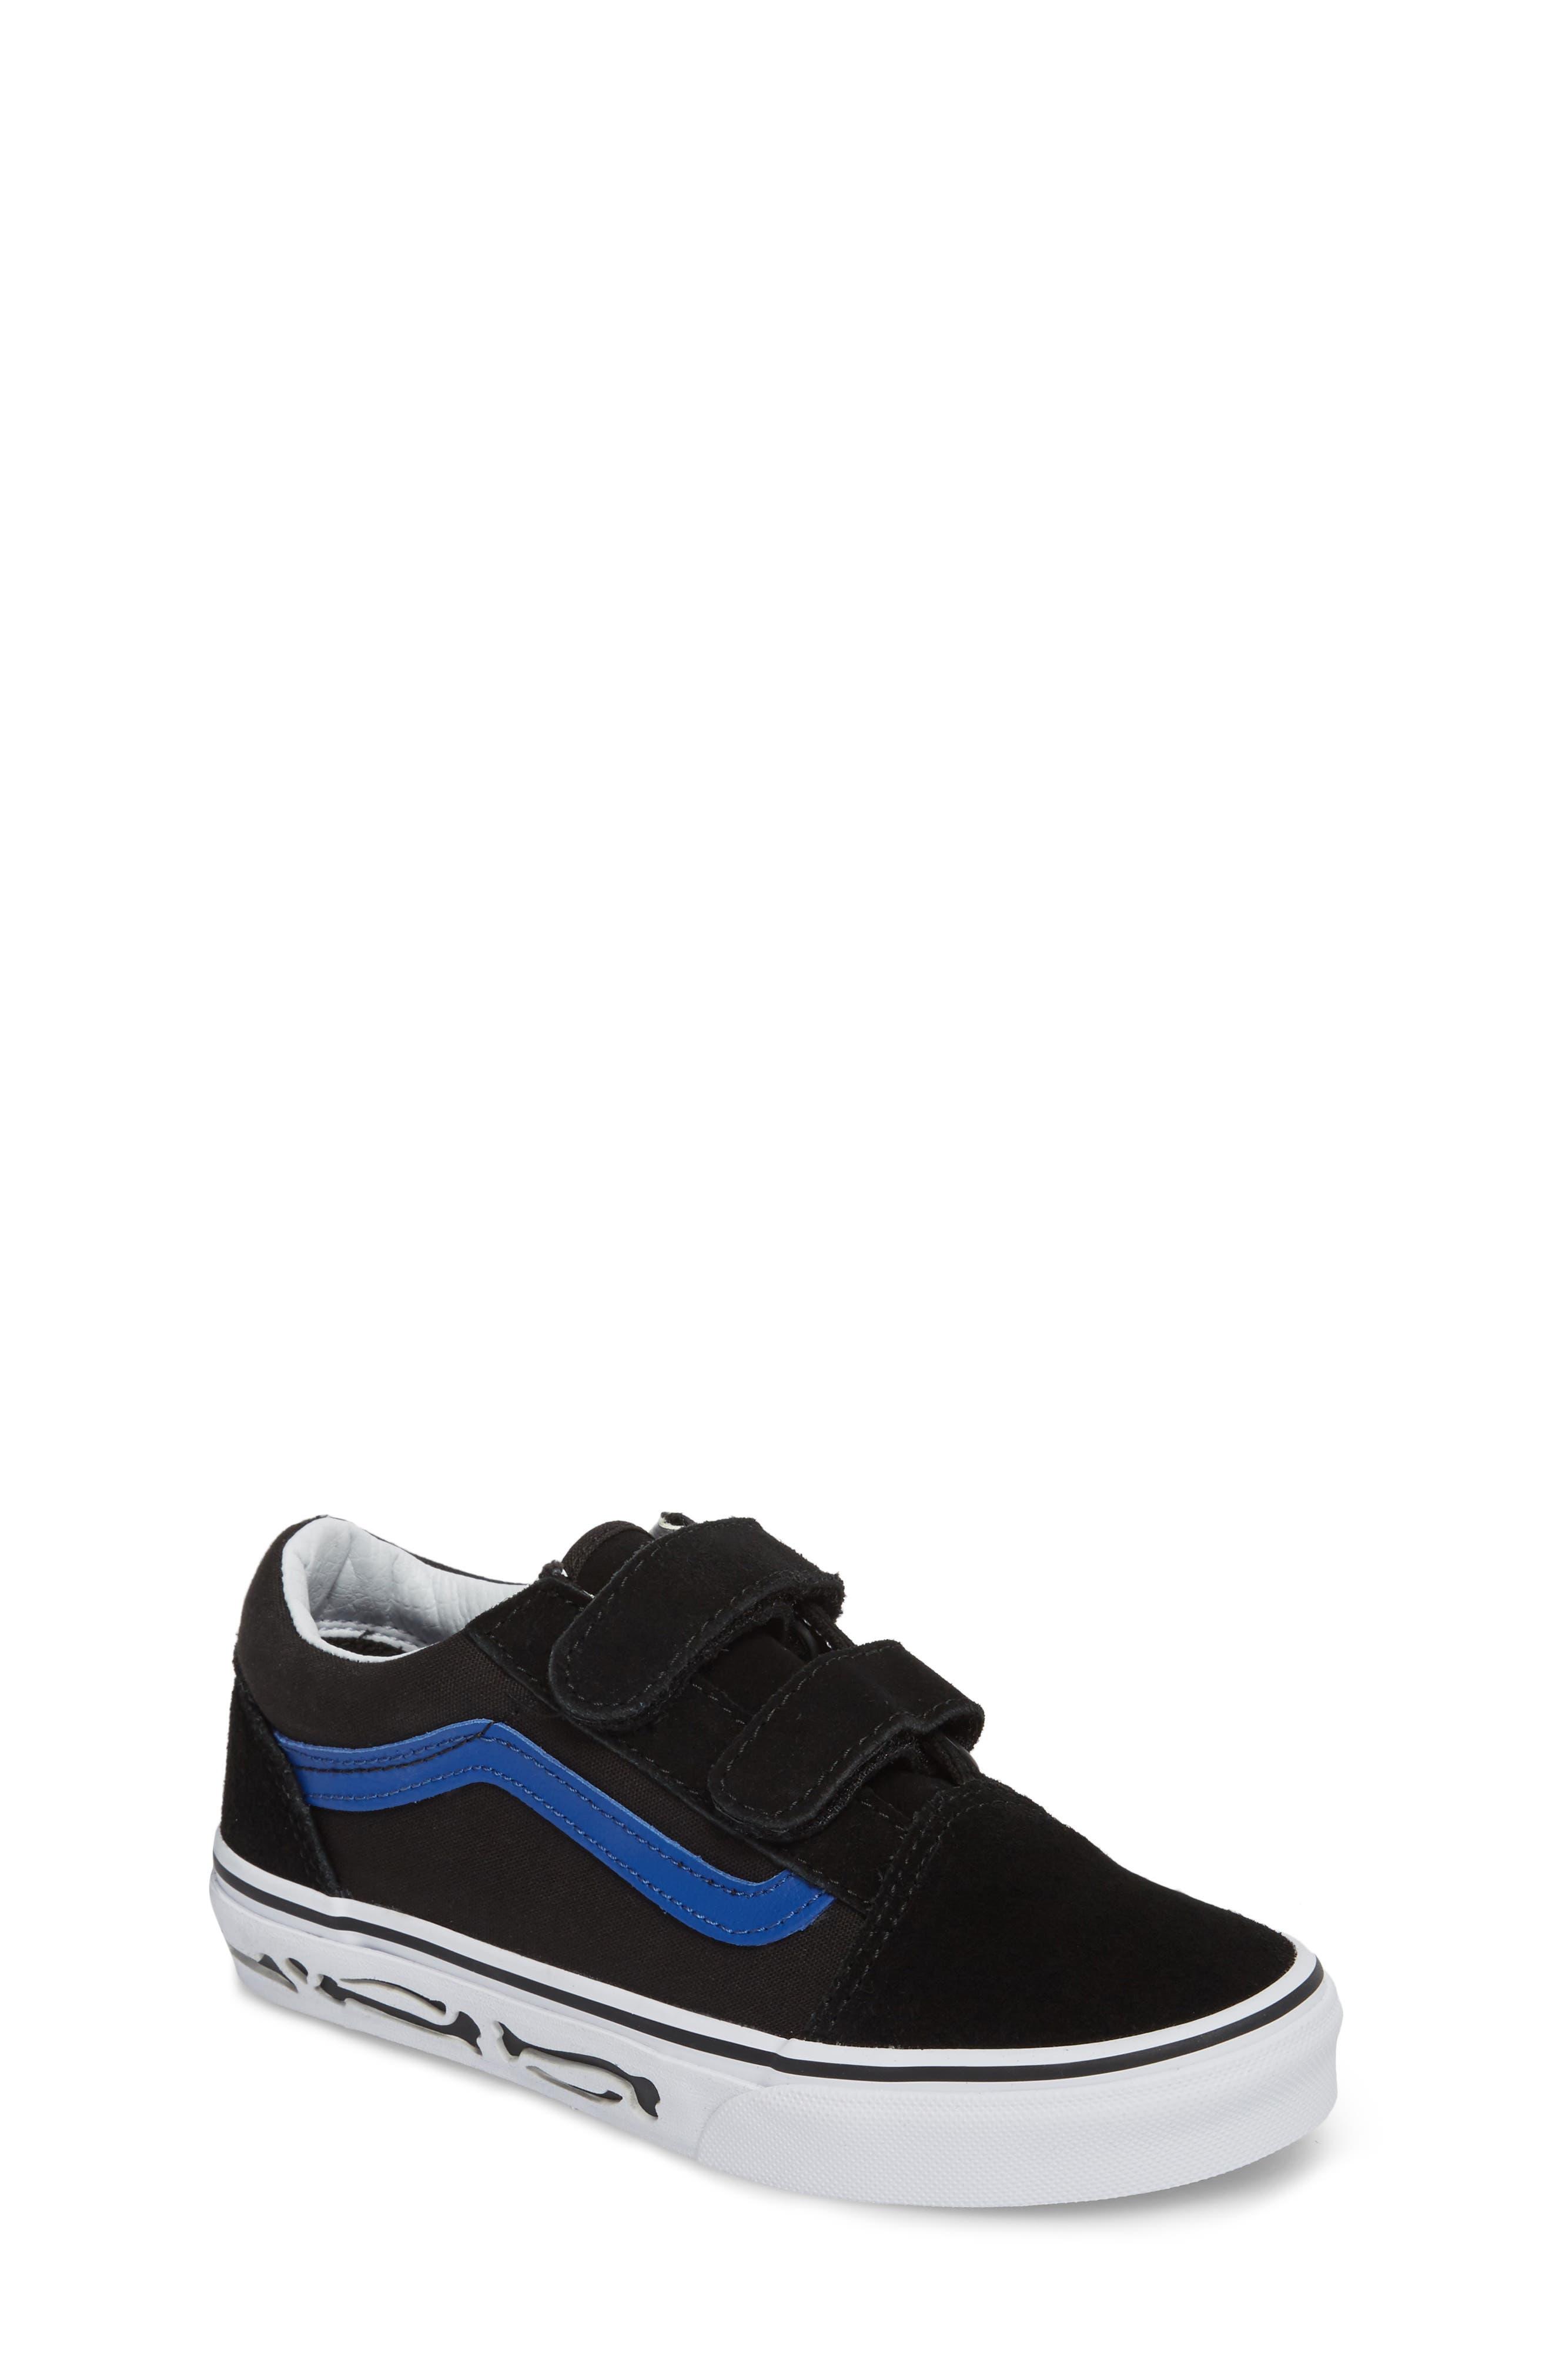 Vans Old Skool V Sneaker (Baby, Walker, Toddler, Little Kid & Big Kid)